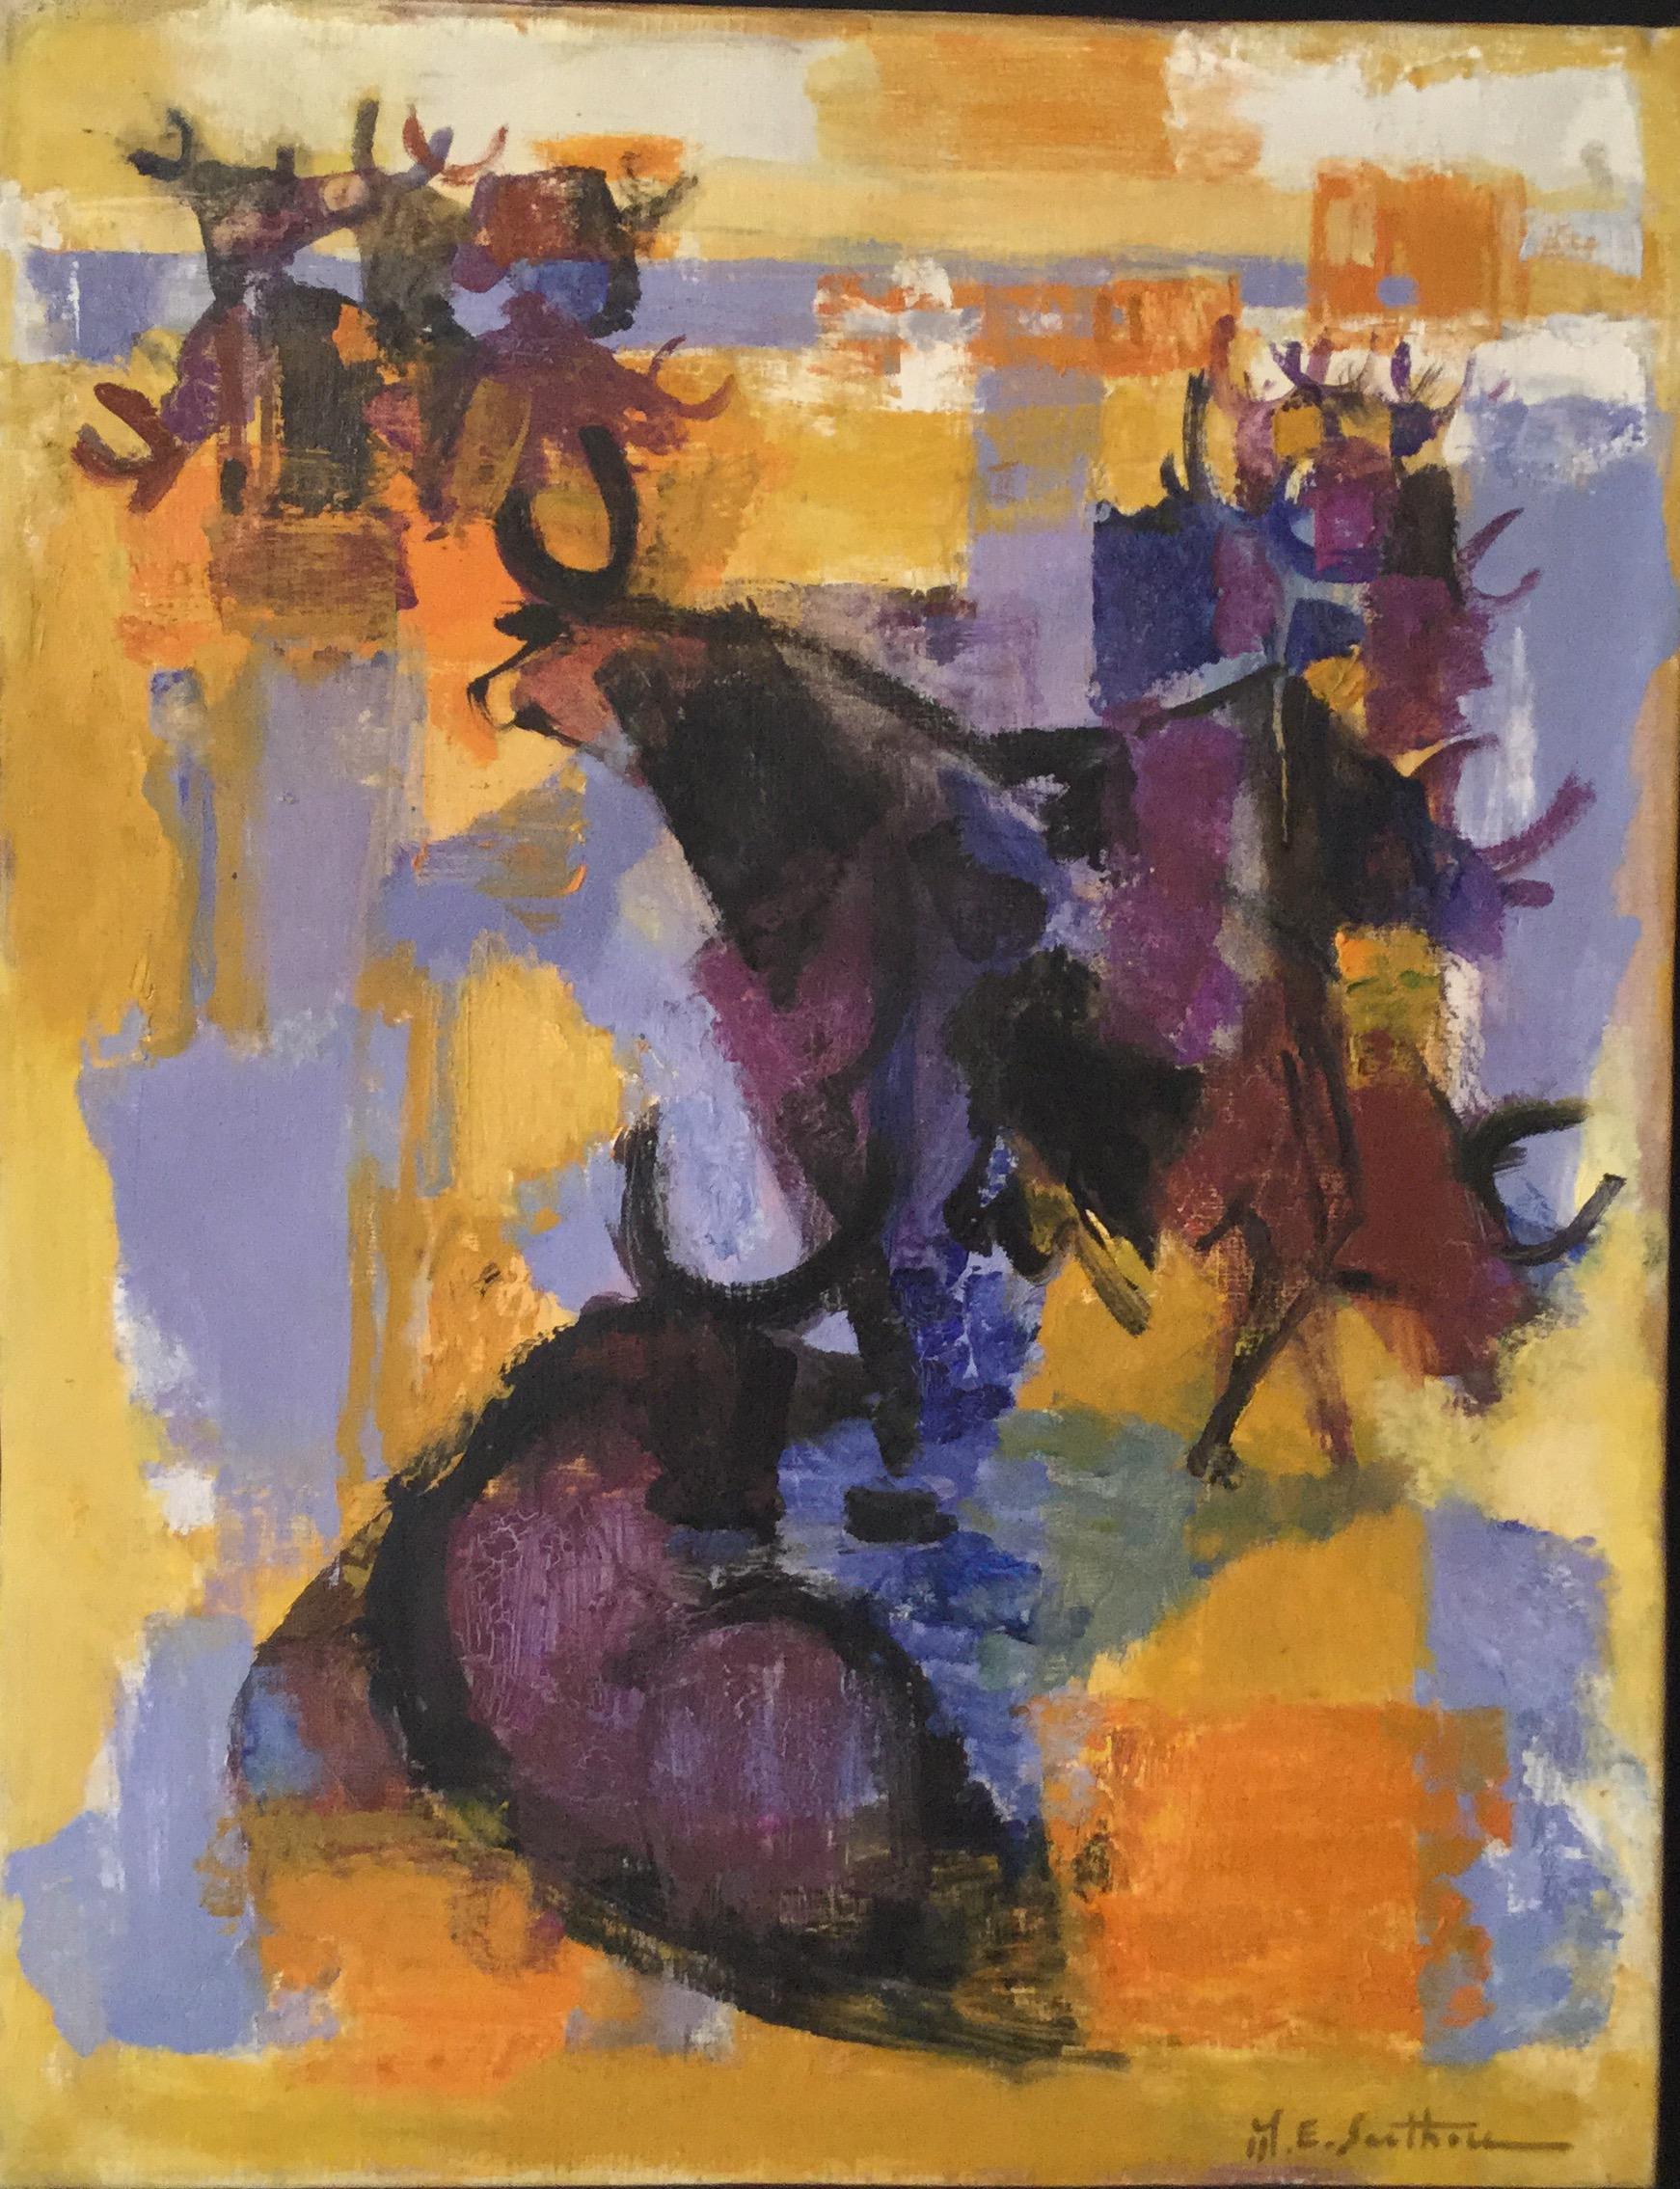 Artiste Peintre Contemporain Toulouse maurice elie sarthou - artiste peintre Œuvres & tableaux